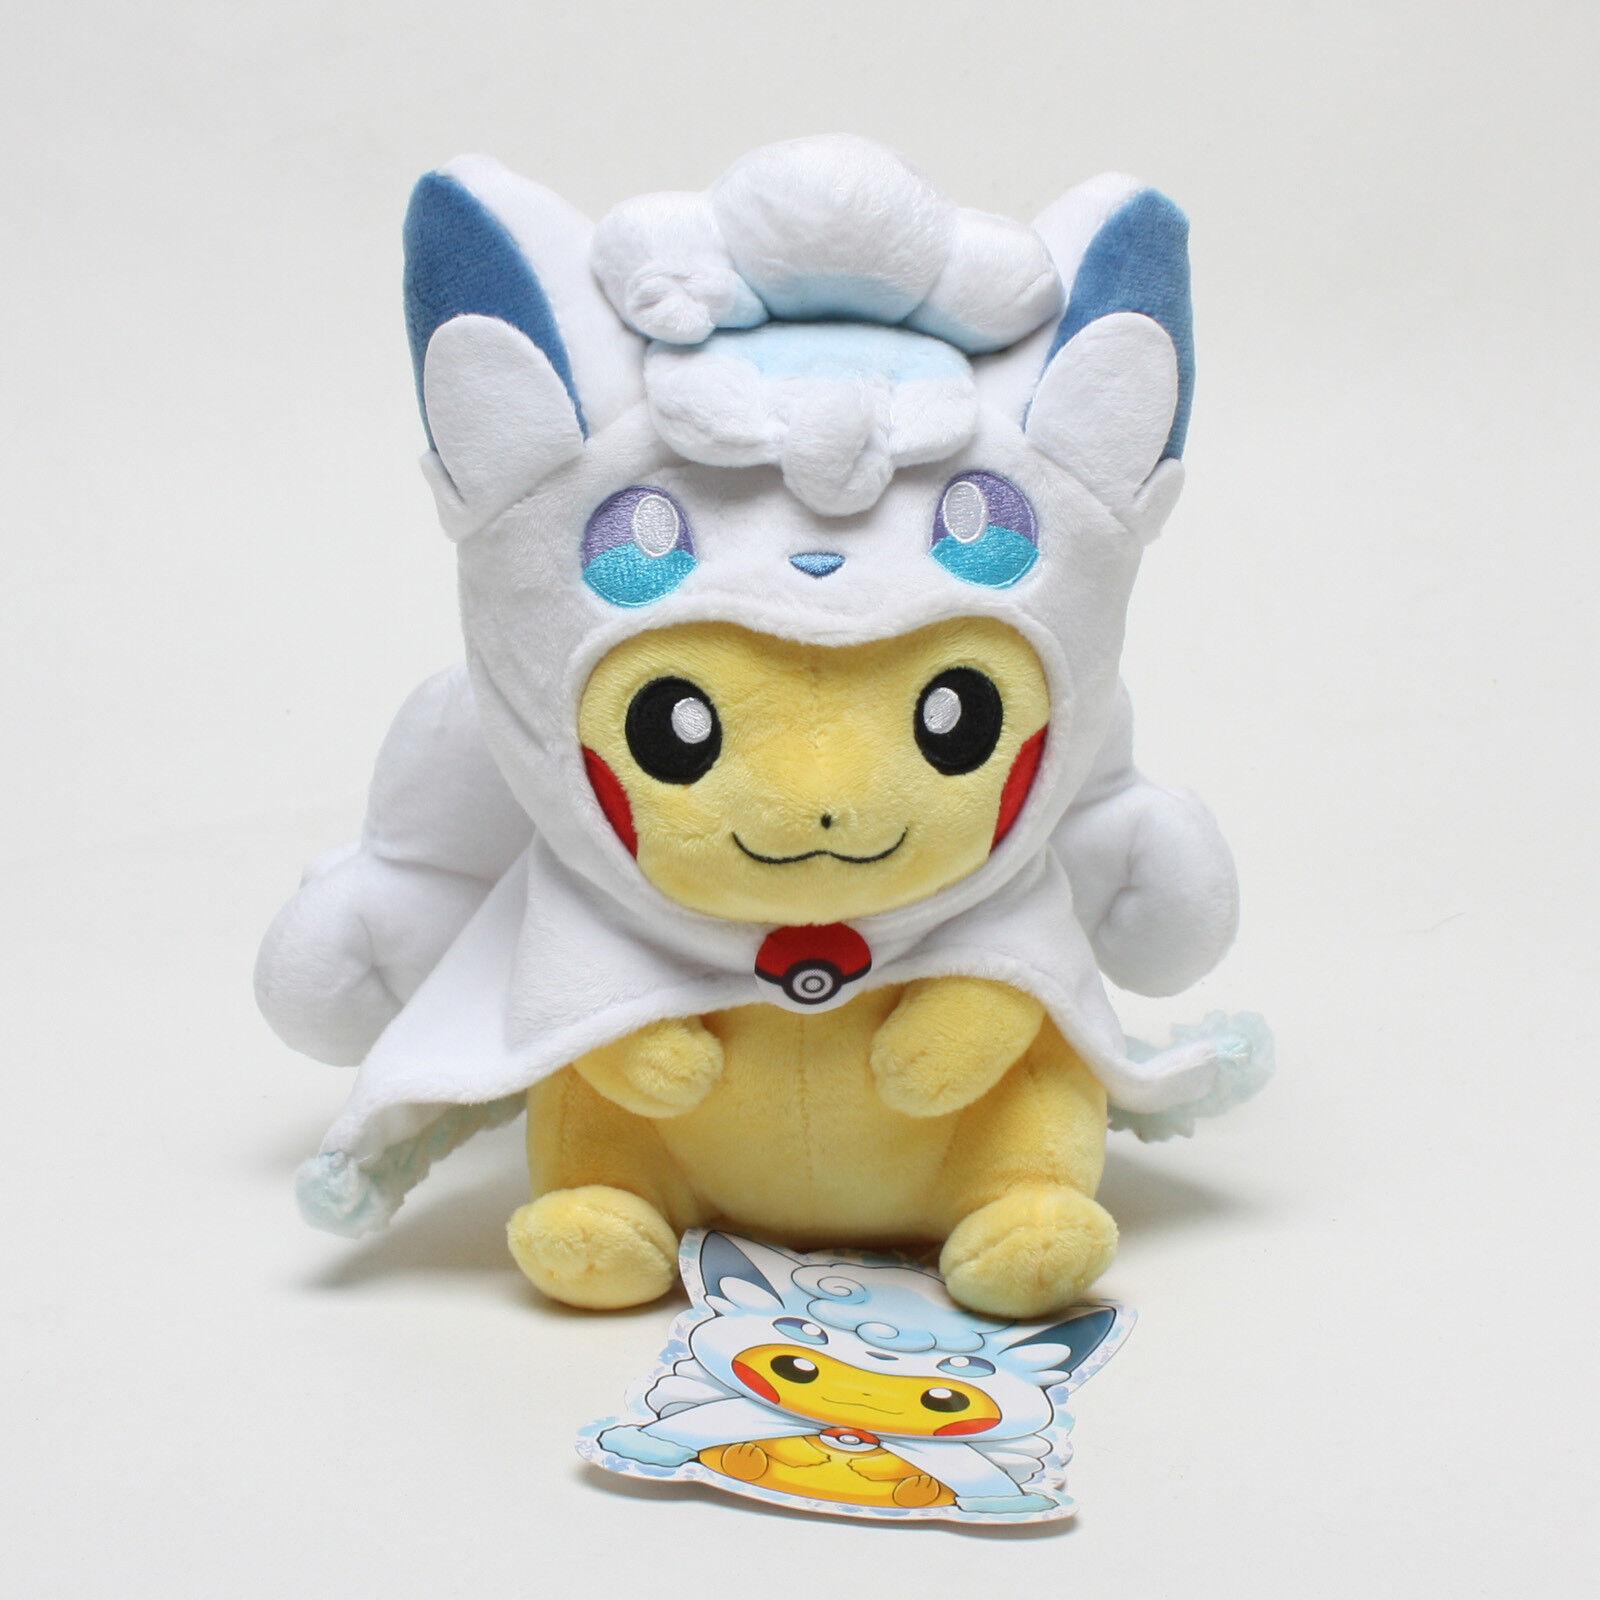 Pokemon Center Vulpix Alola Cape Pikachu Plüschtiere Kuscheltier Stofftier Puppe